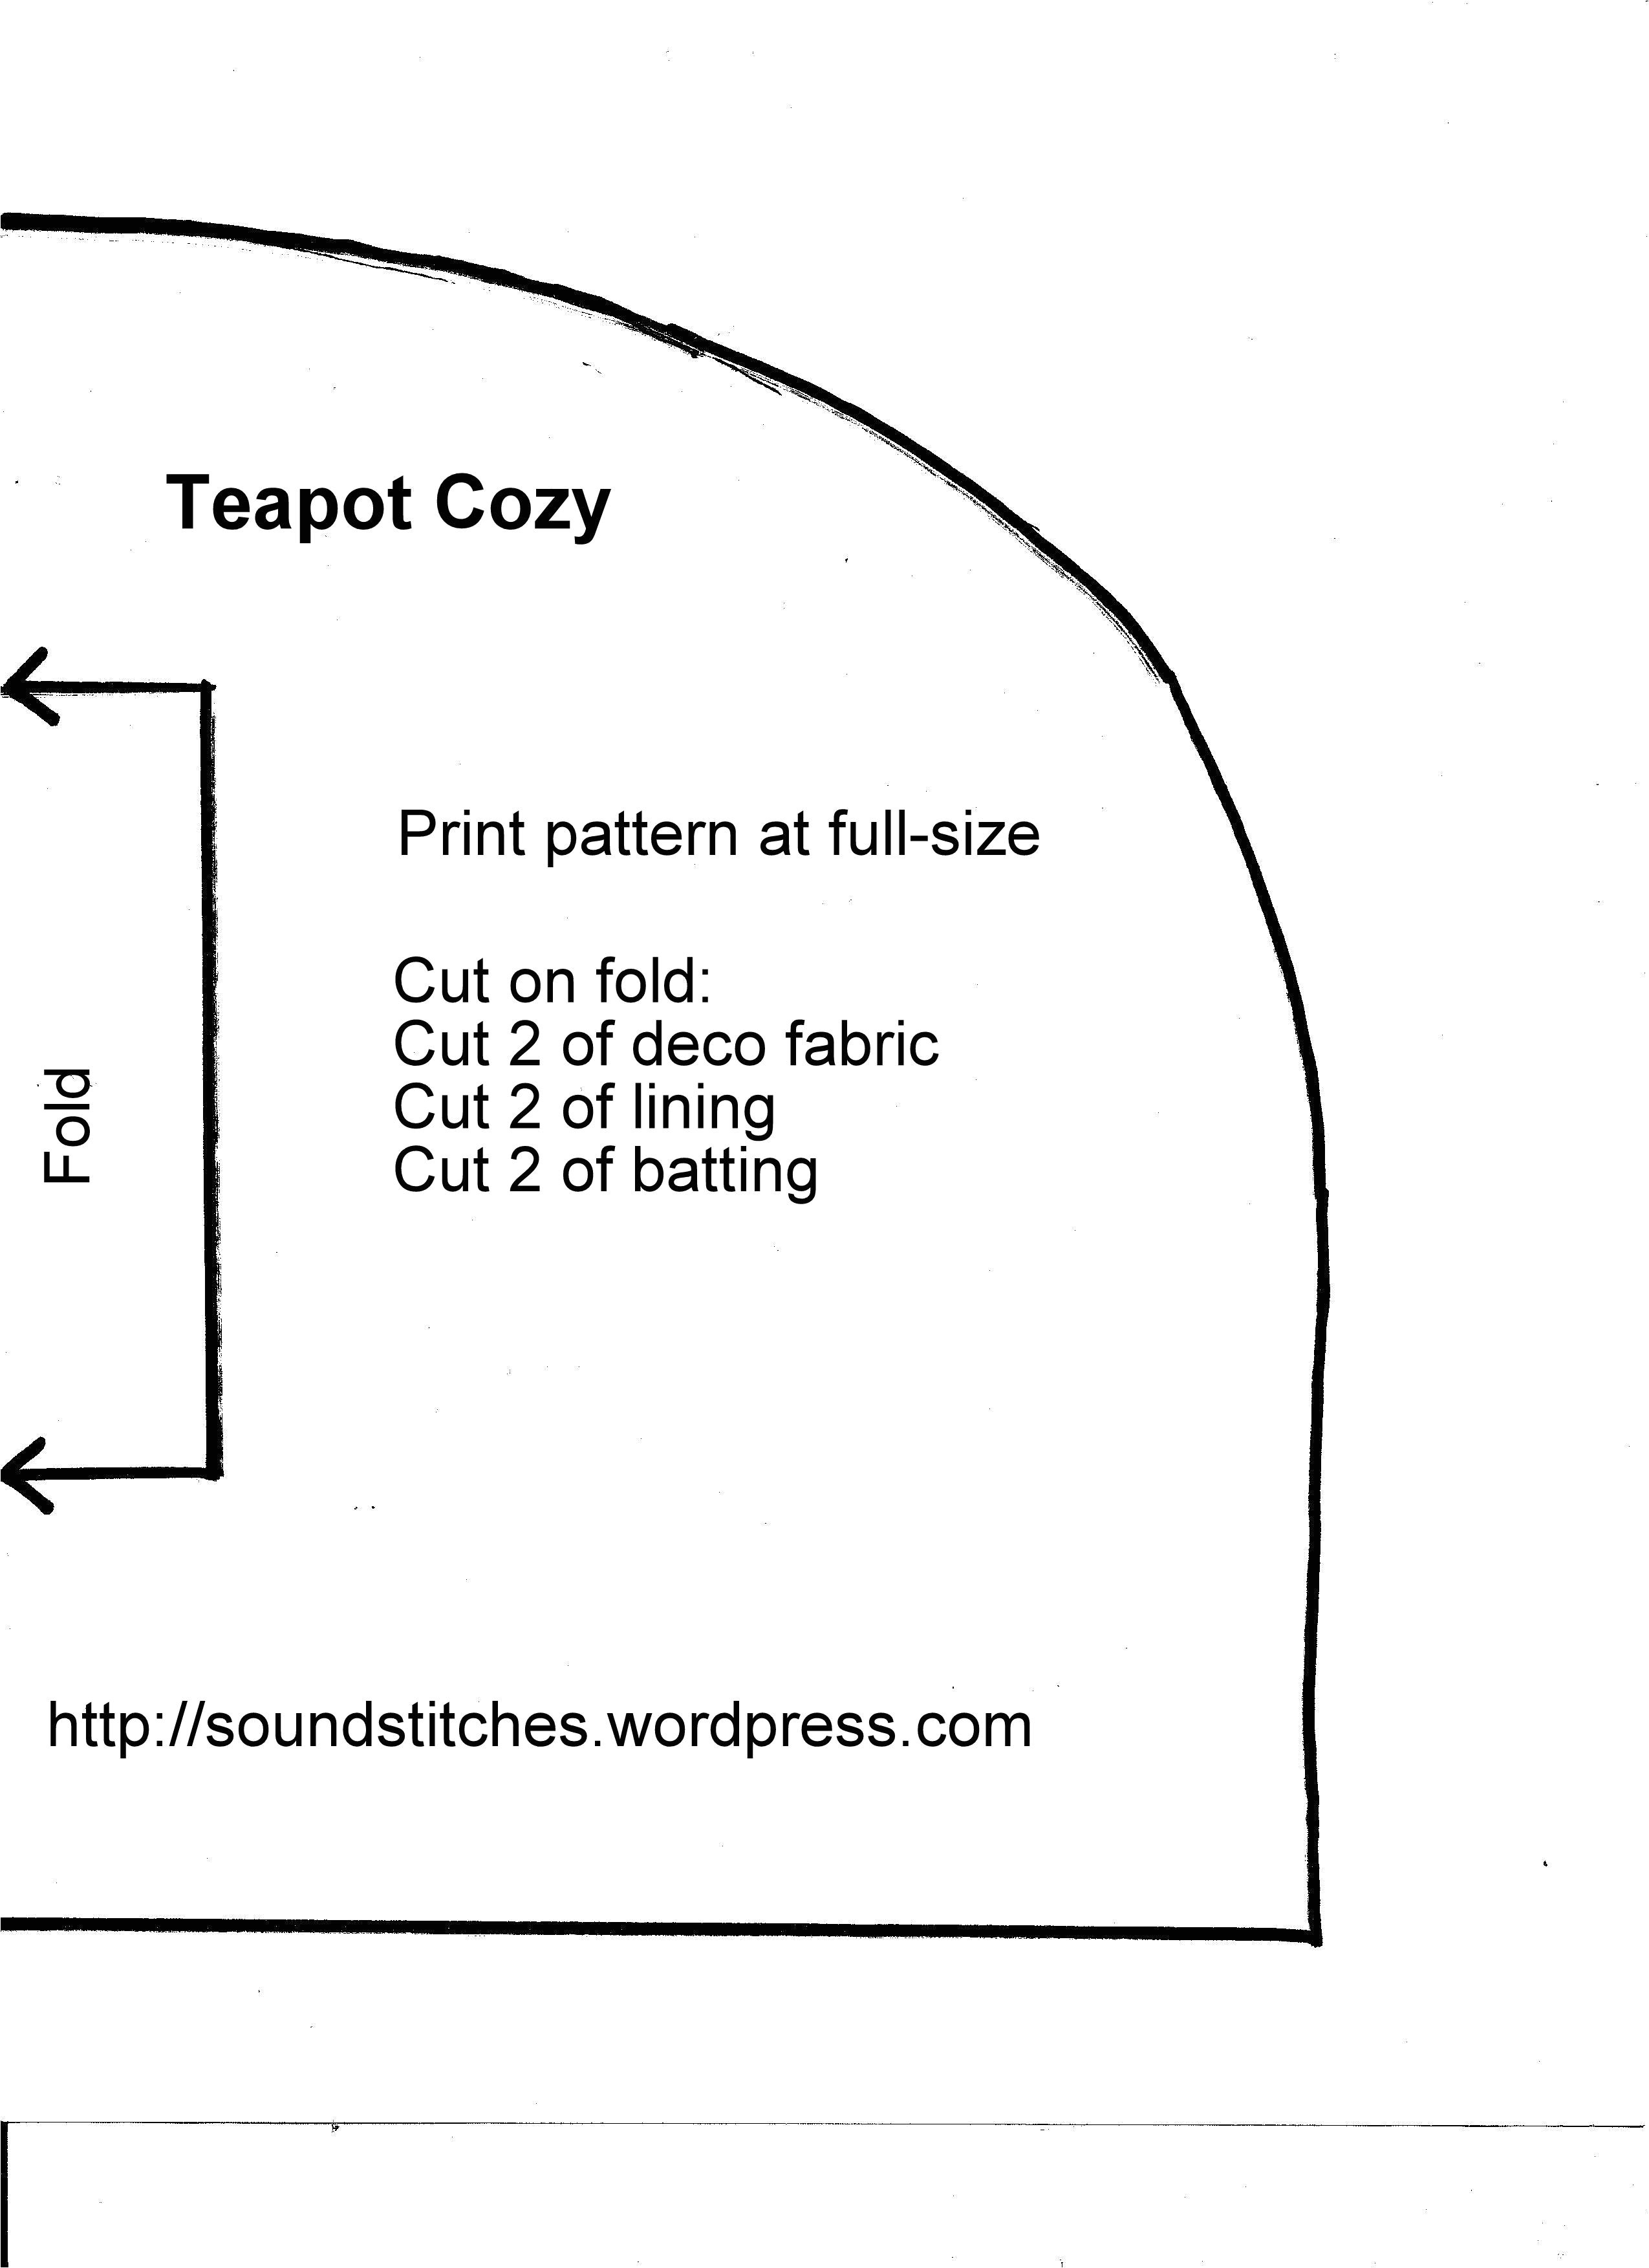 free teapot cozy pattern